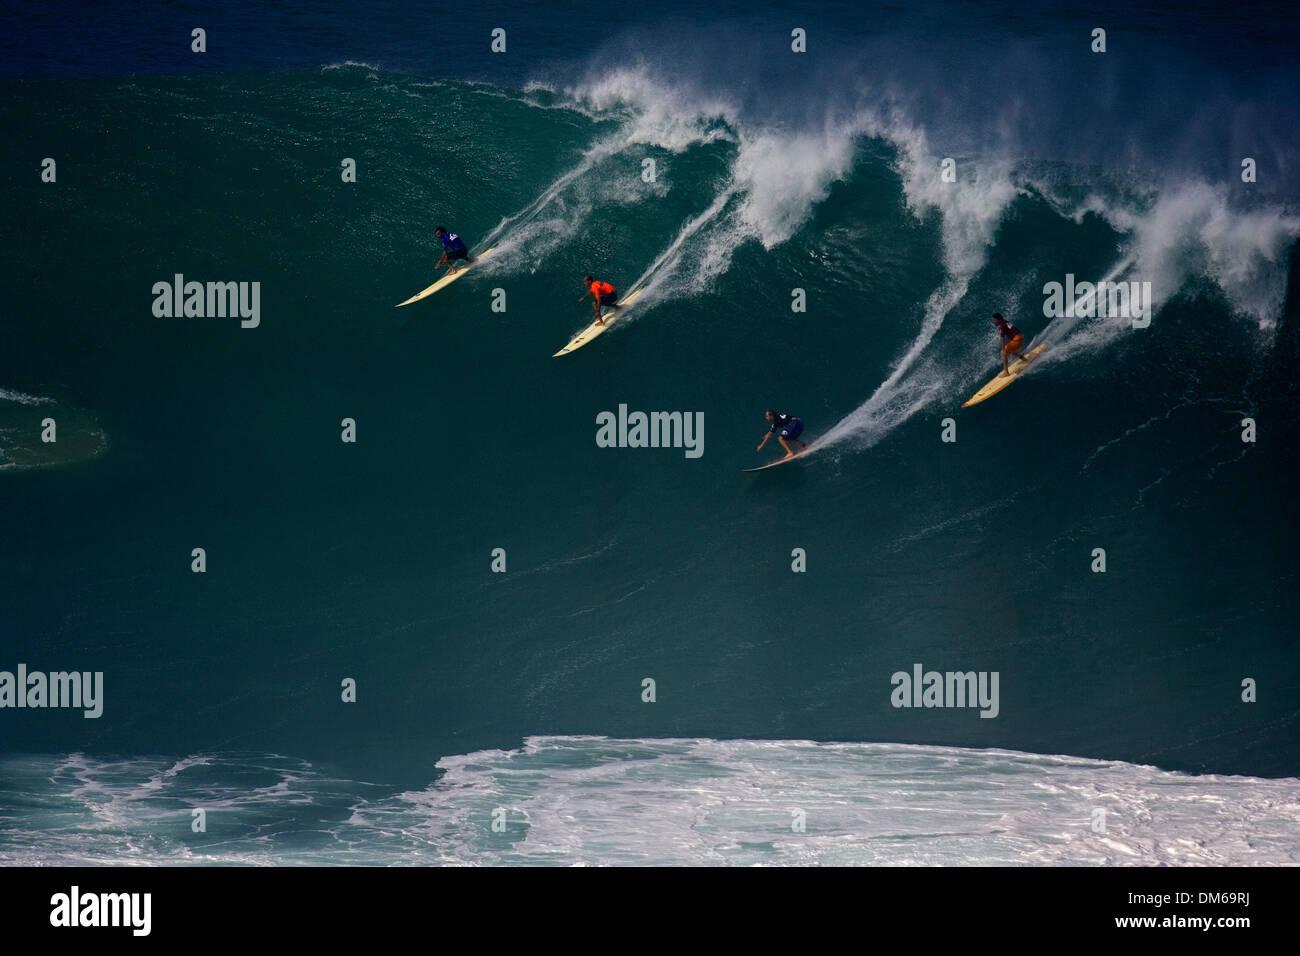 6dff4bec59 Eddie Aikau Surfing Contest Stock Photos   Eddie Aikau Surfing ...